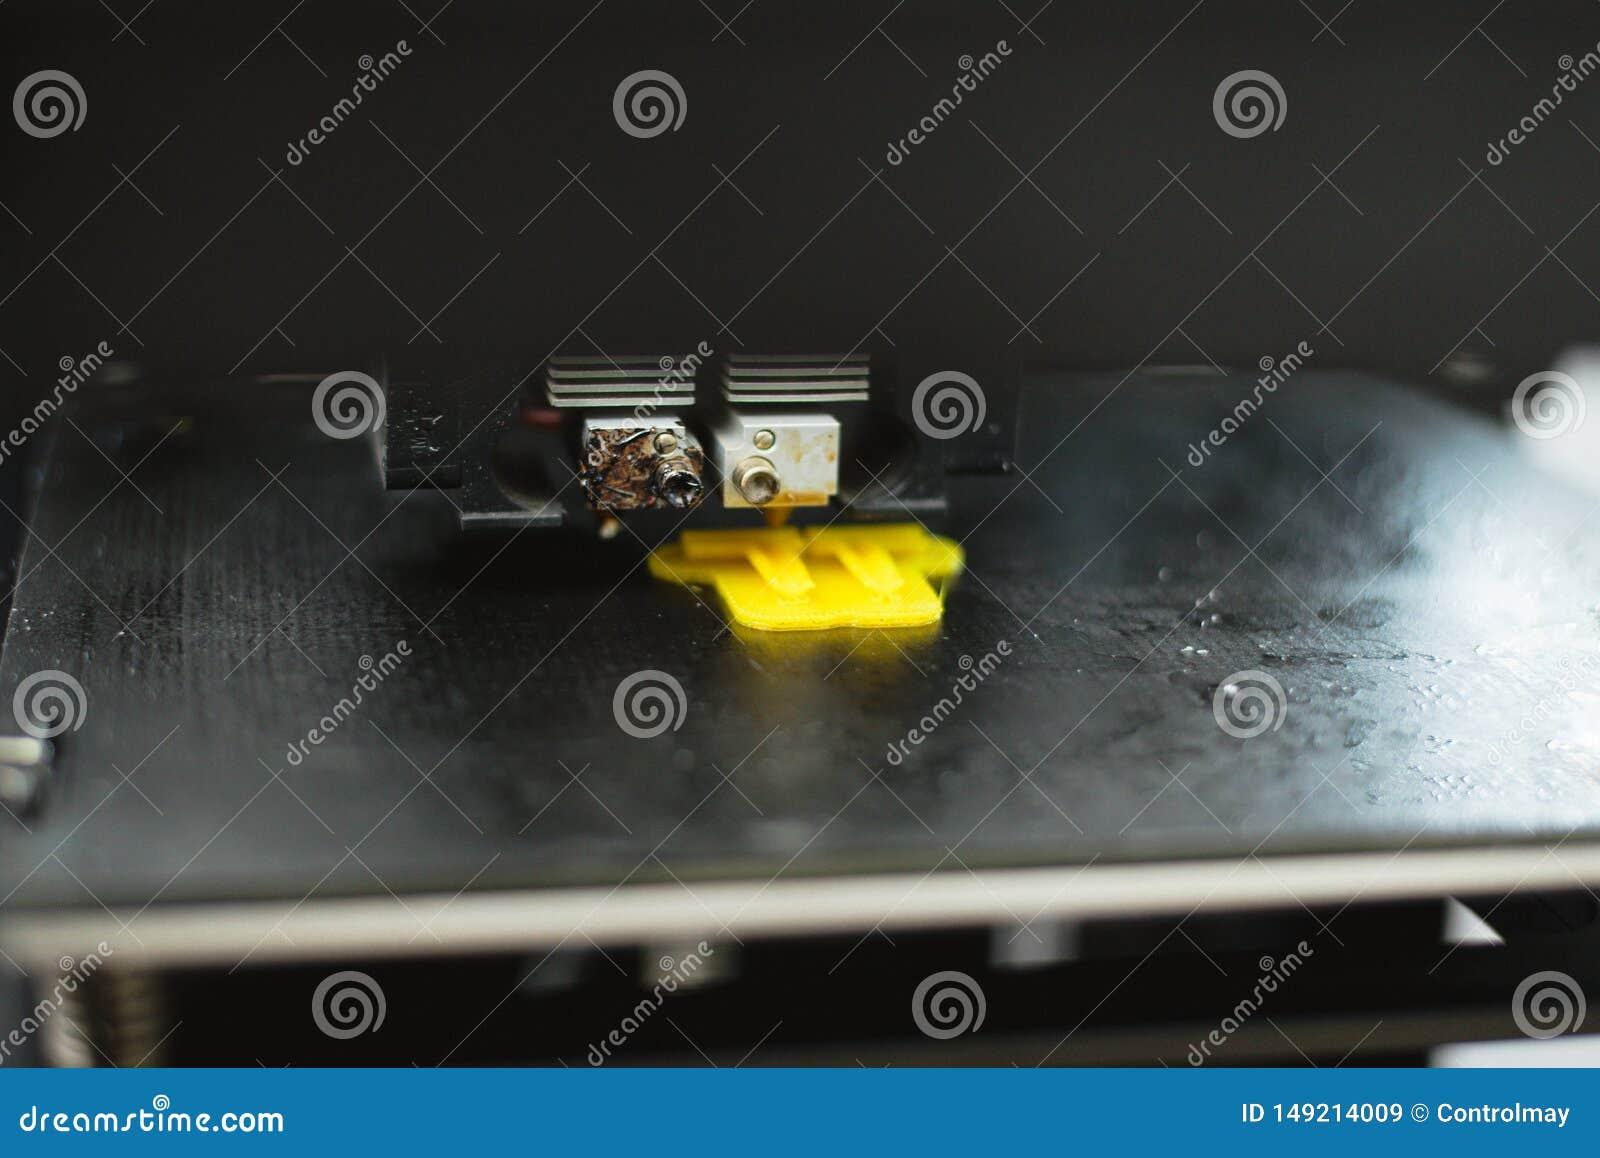 Διαδικασία το φυσικό πλαστικό πρότυπο στην αυτόματη τρισδιάστατη μηχανή εκτυπωτών Πρόσθετες τεχνολογίες, τρισδιάστατες εκτύπωση κ